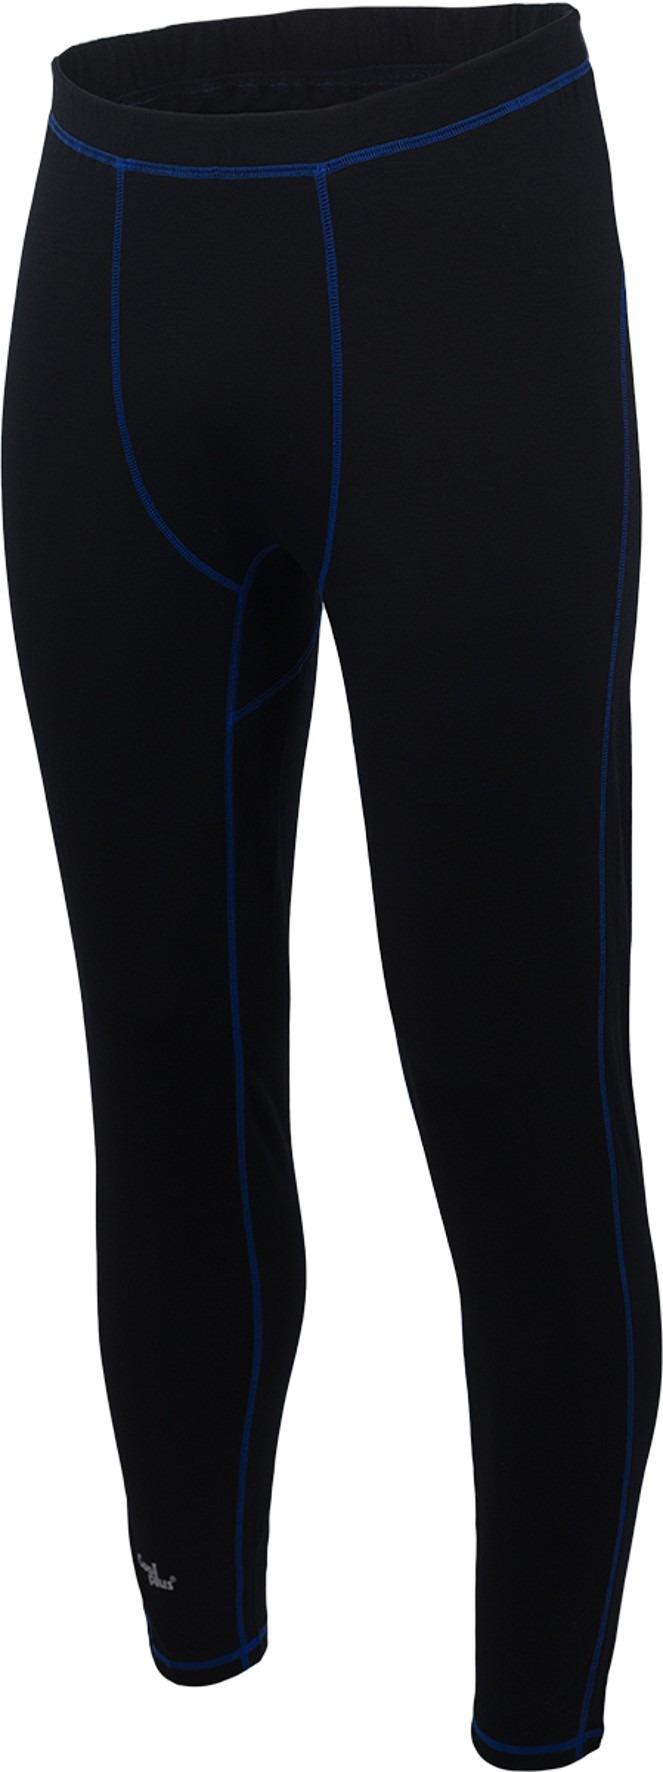 Pantaloni de corp Hannah Cottonet M LG - Antracit